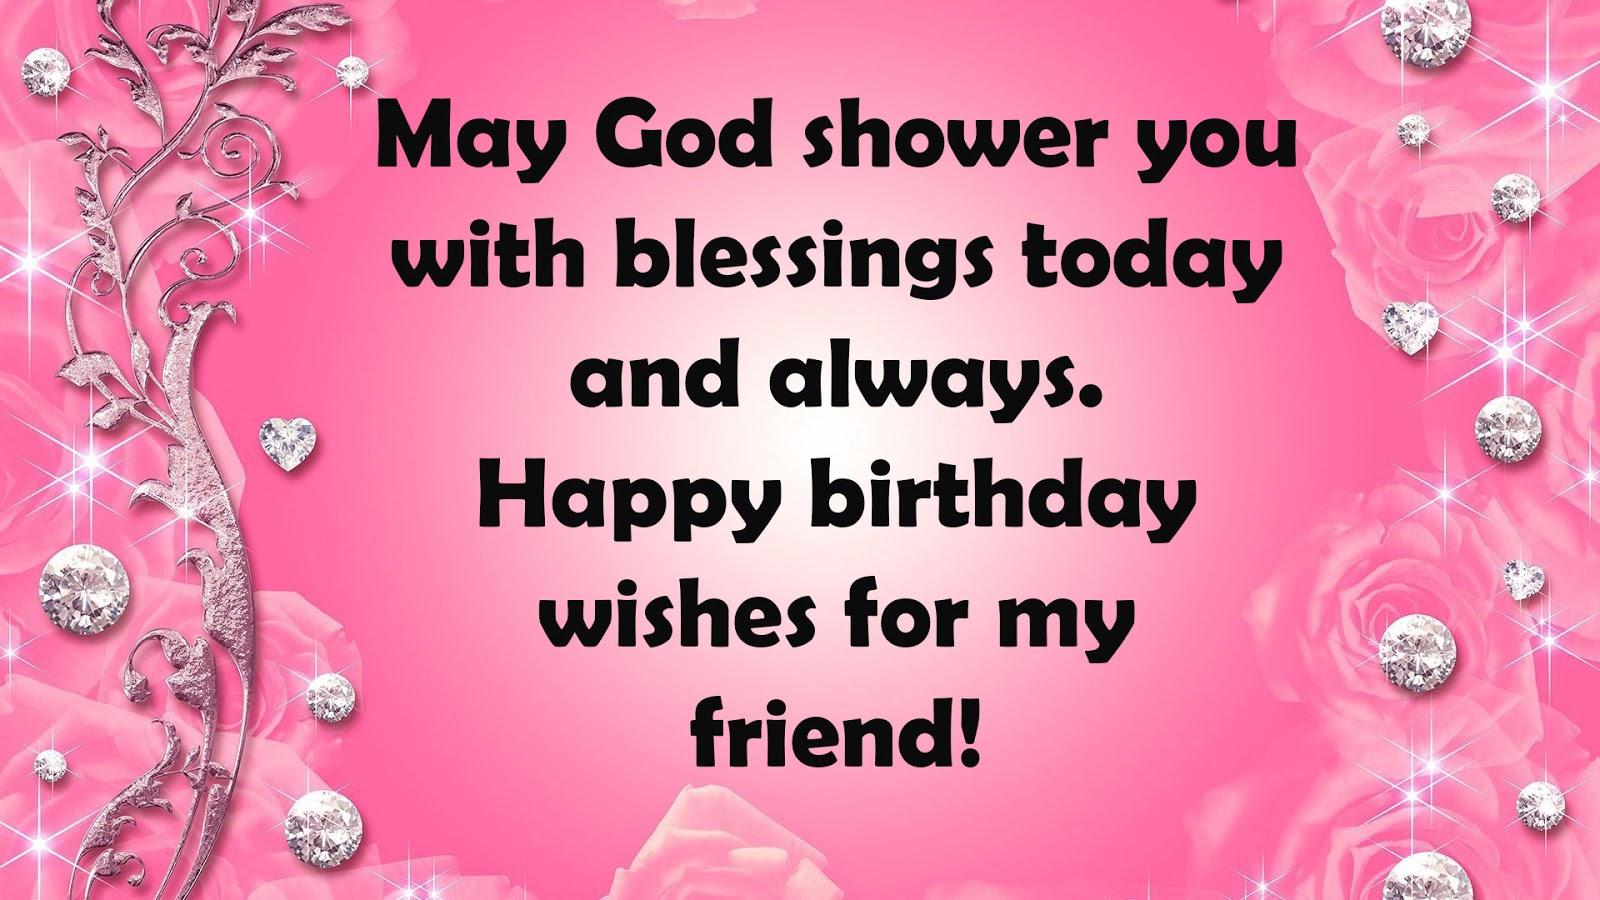 Best Friend Birthday Wishes sms in Urdu night